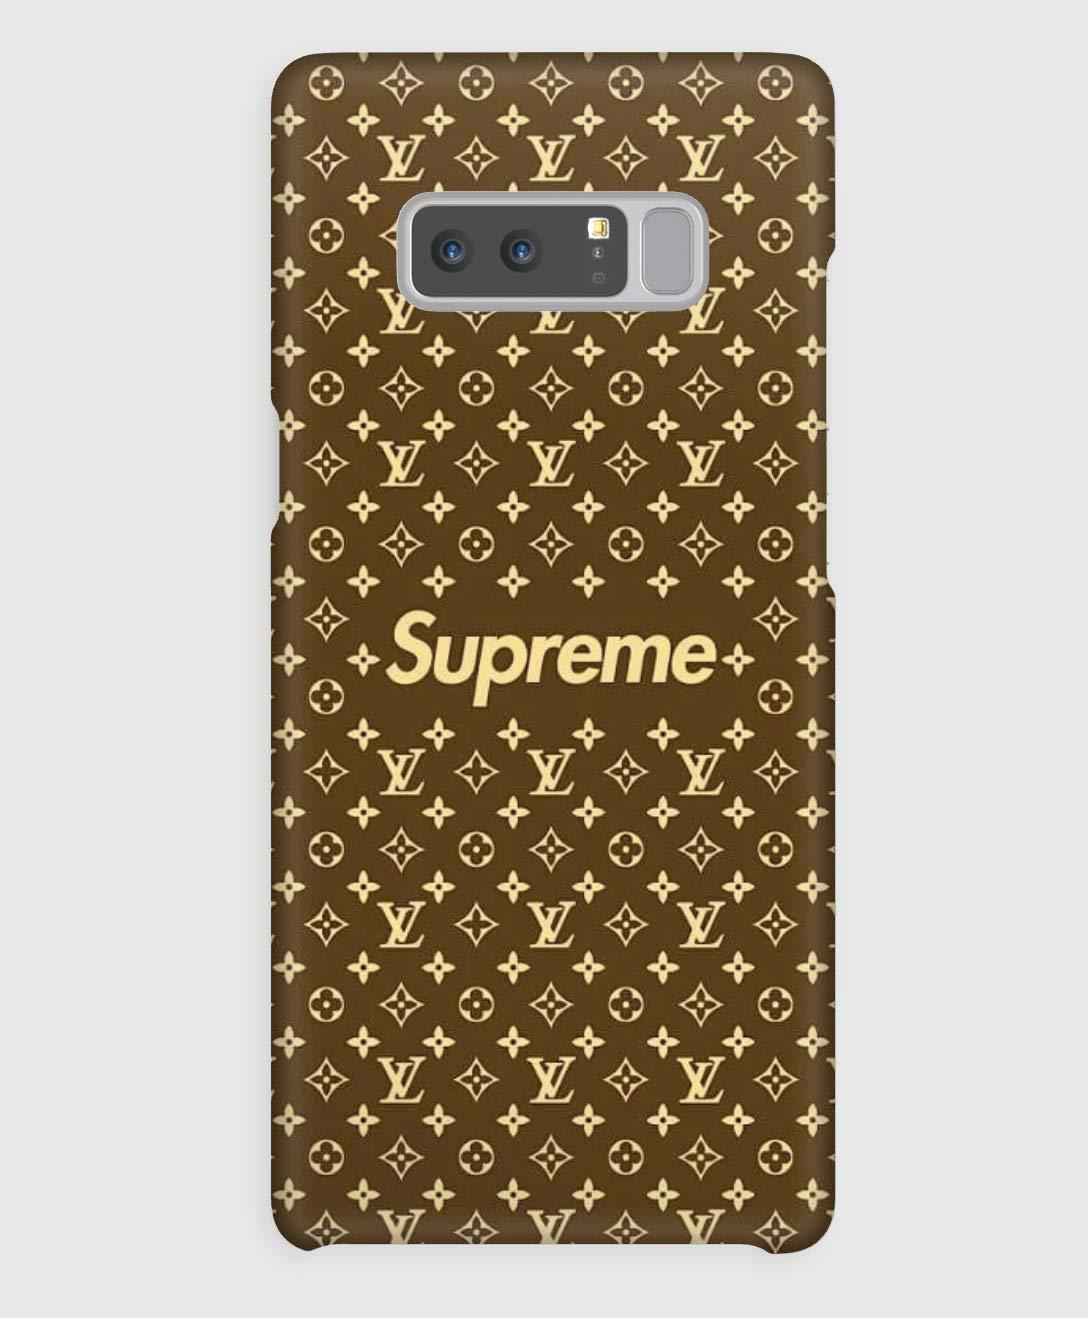 Supreme Paris coque pour Samsung S5, S6, S7, S8, S9, S10, A3, A5, A6, A7,A8, J3, J5, Note 4, 5, 8,9,Grand prime,